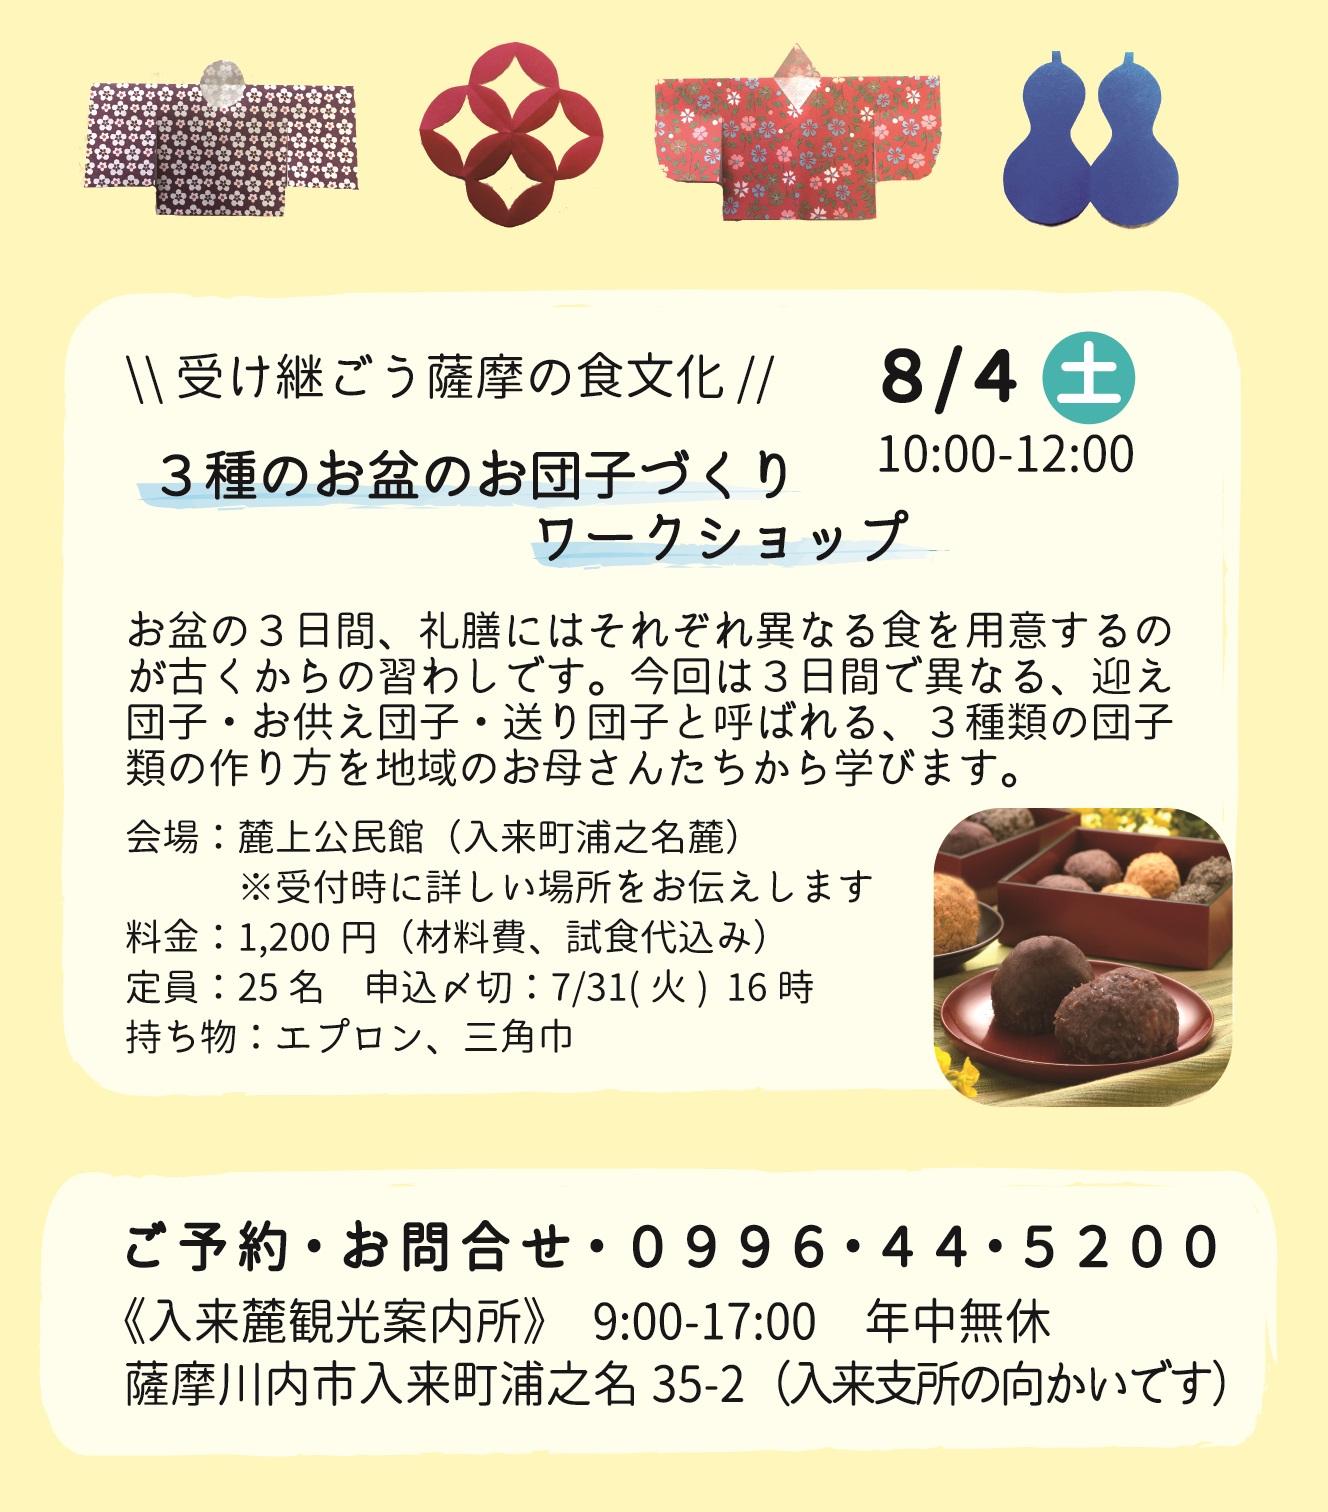 \\受け継ごう薩摩の食文化//3種のお盆のお団子づくりワークショップ